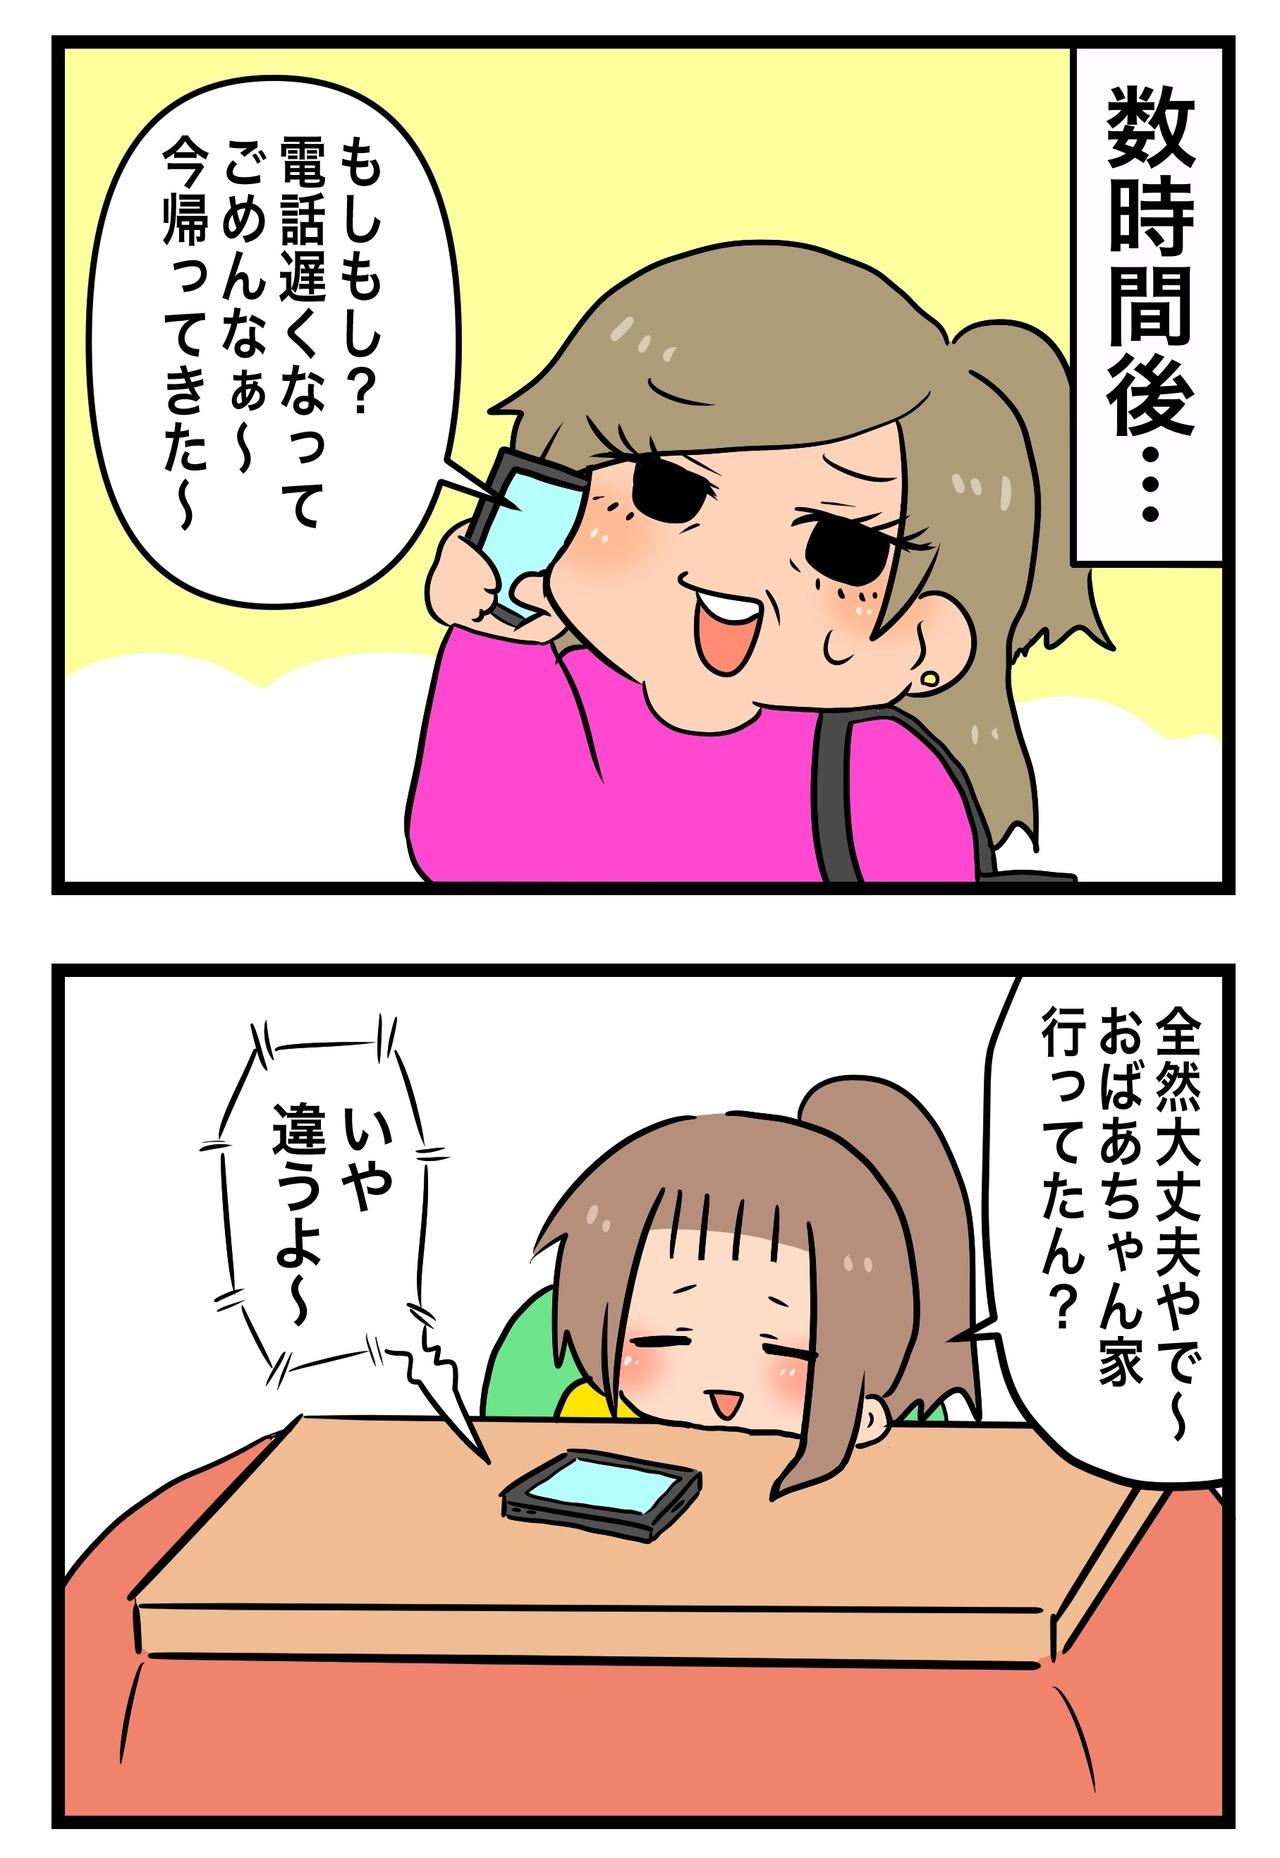 679863AC-D962-4822-8A3E-151B9214F82F